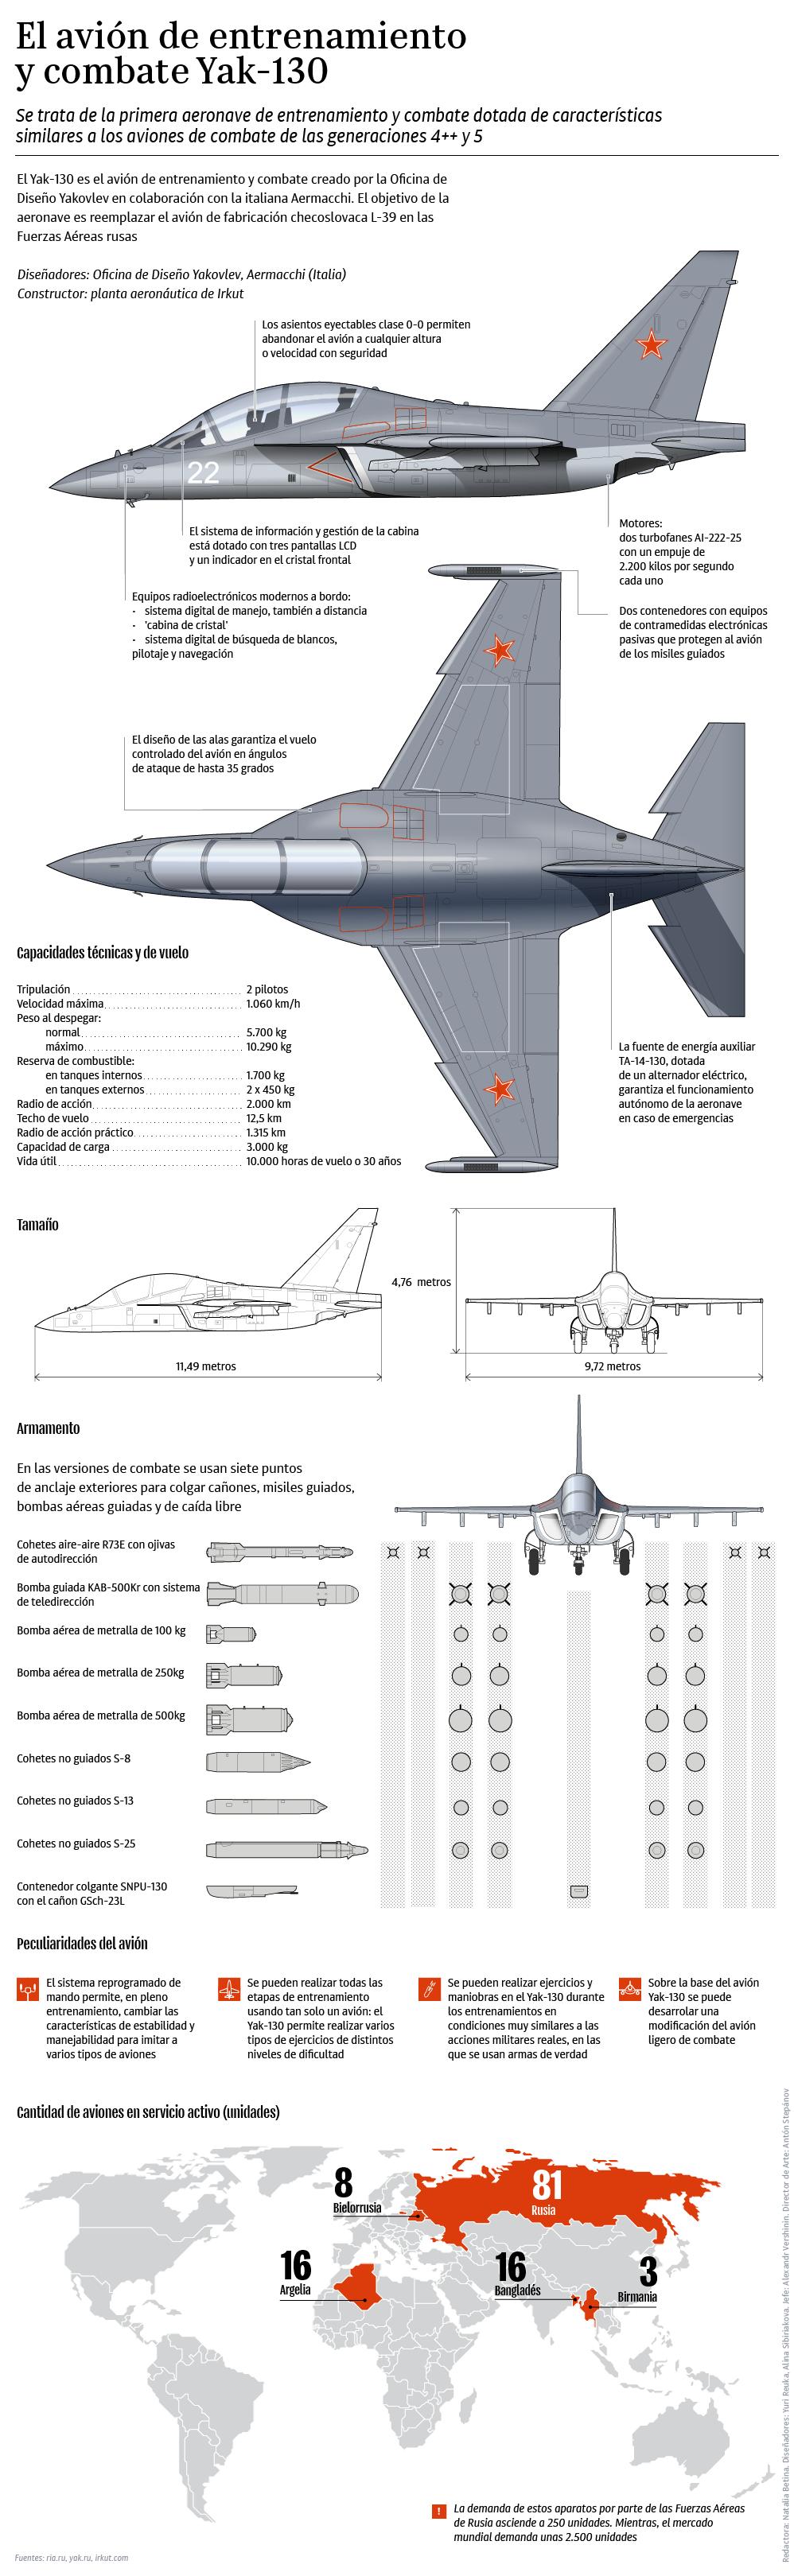 El avión de entrenamiento y combate Yak-130